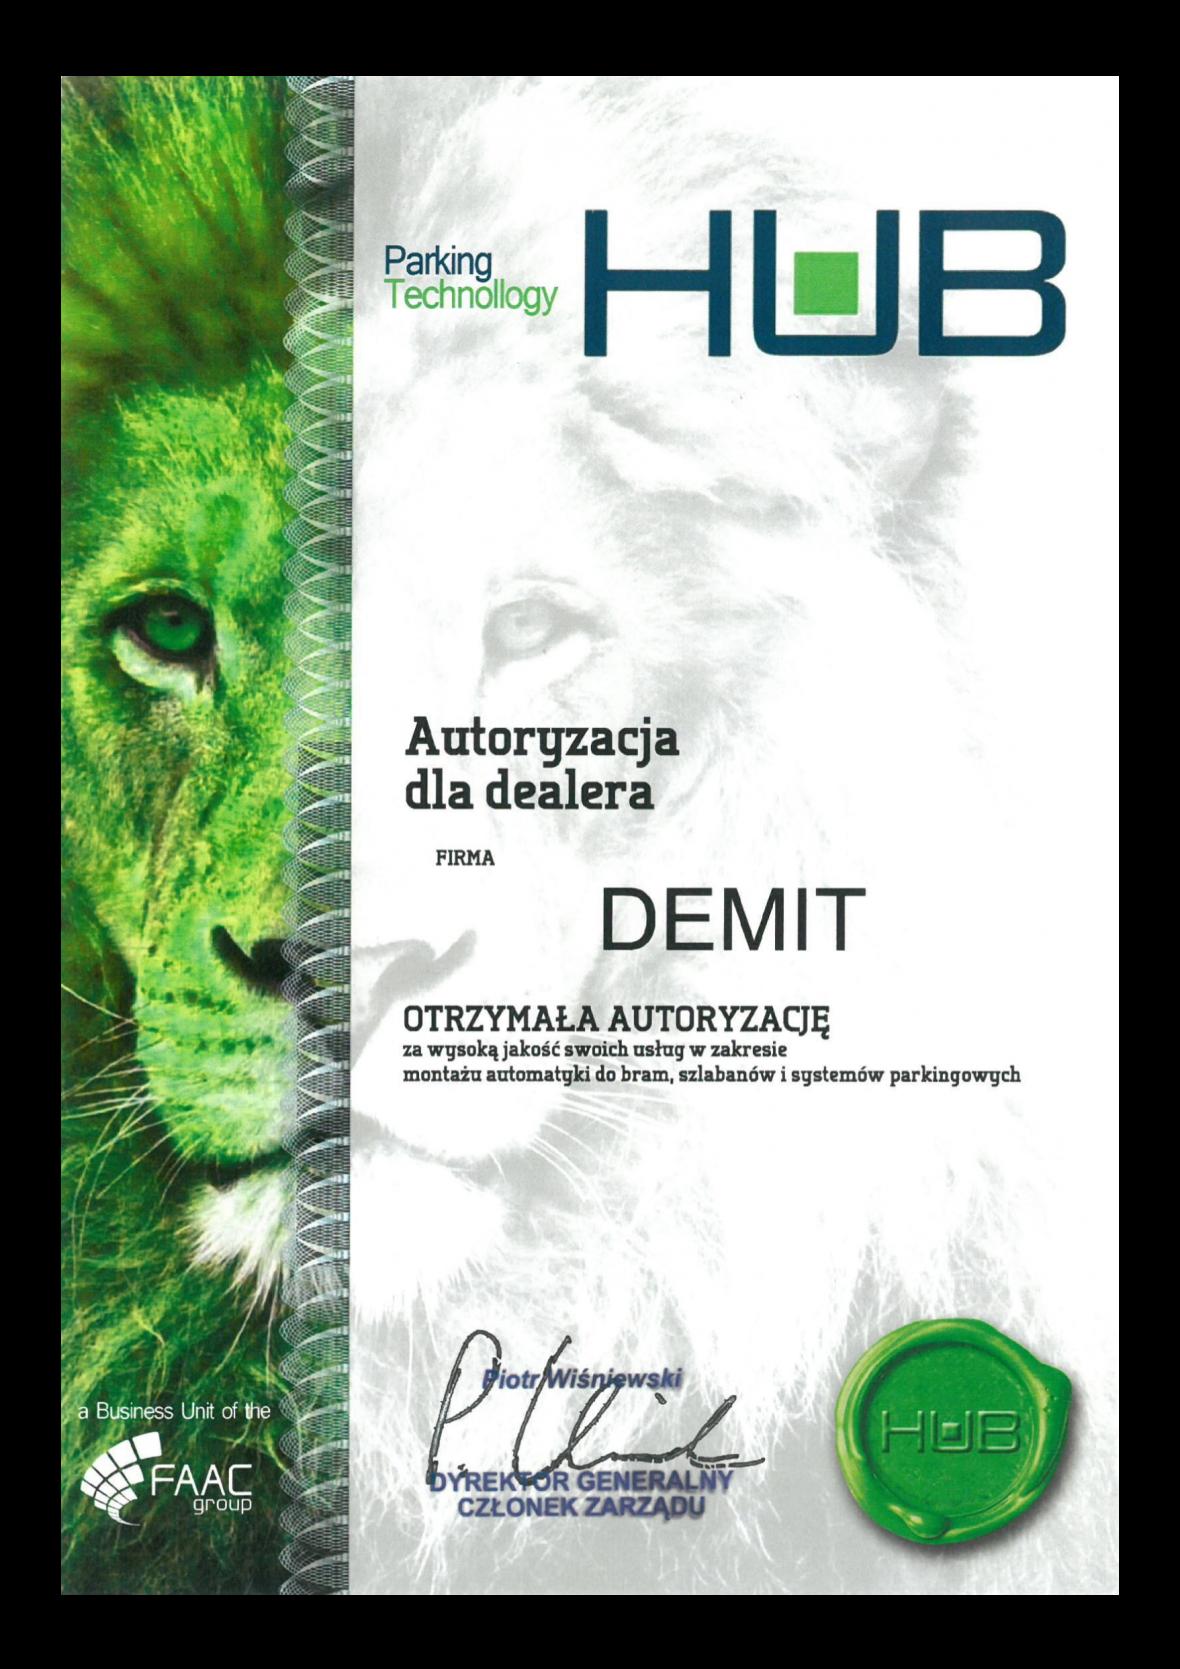 FAAC HUB autoryzacja dla dealera DEMIT